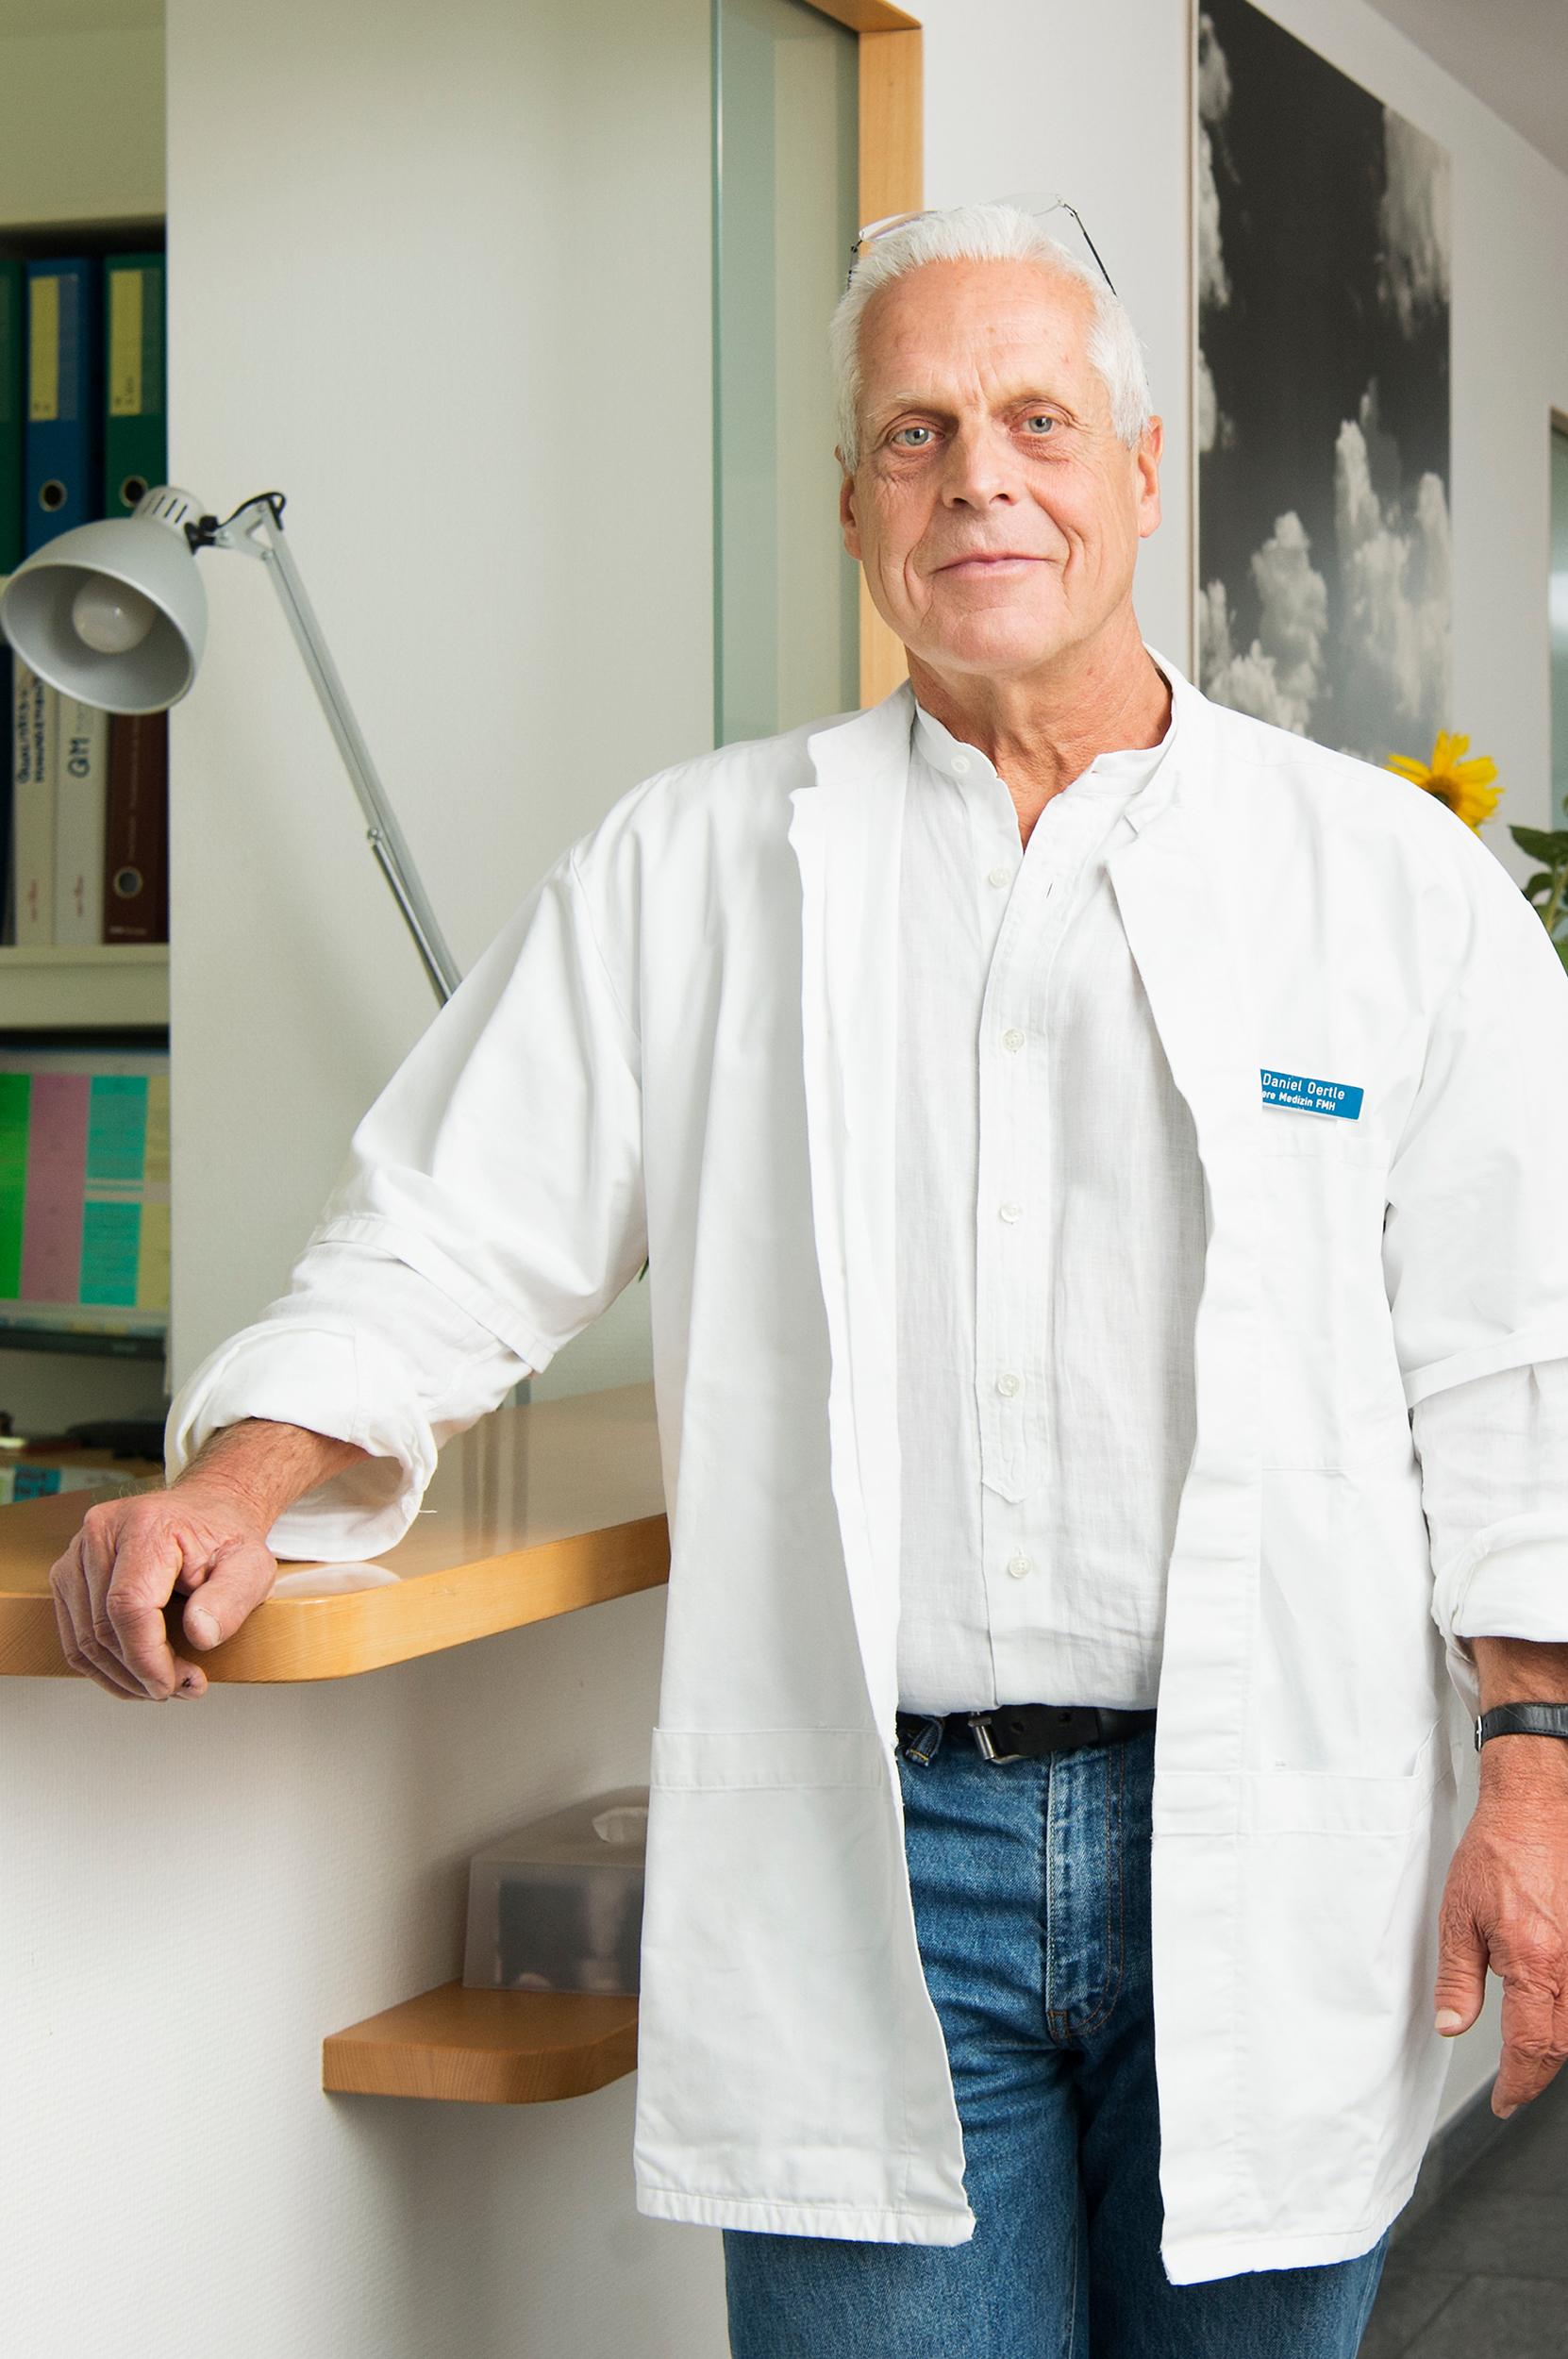 Portrait von Dr. Daniel Oertle, stehend vor dem Empfang der Praxis.